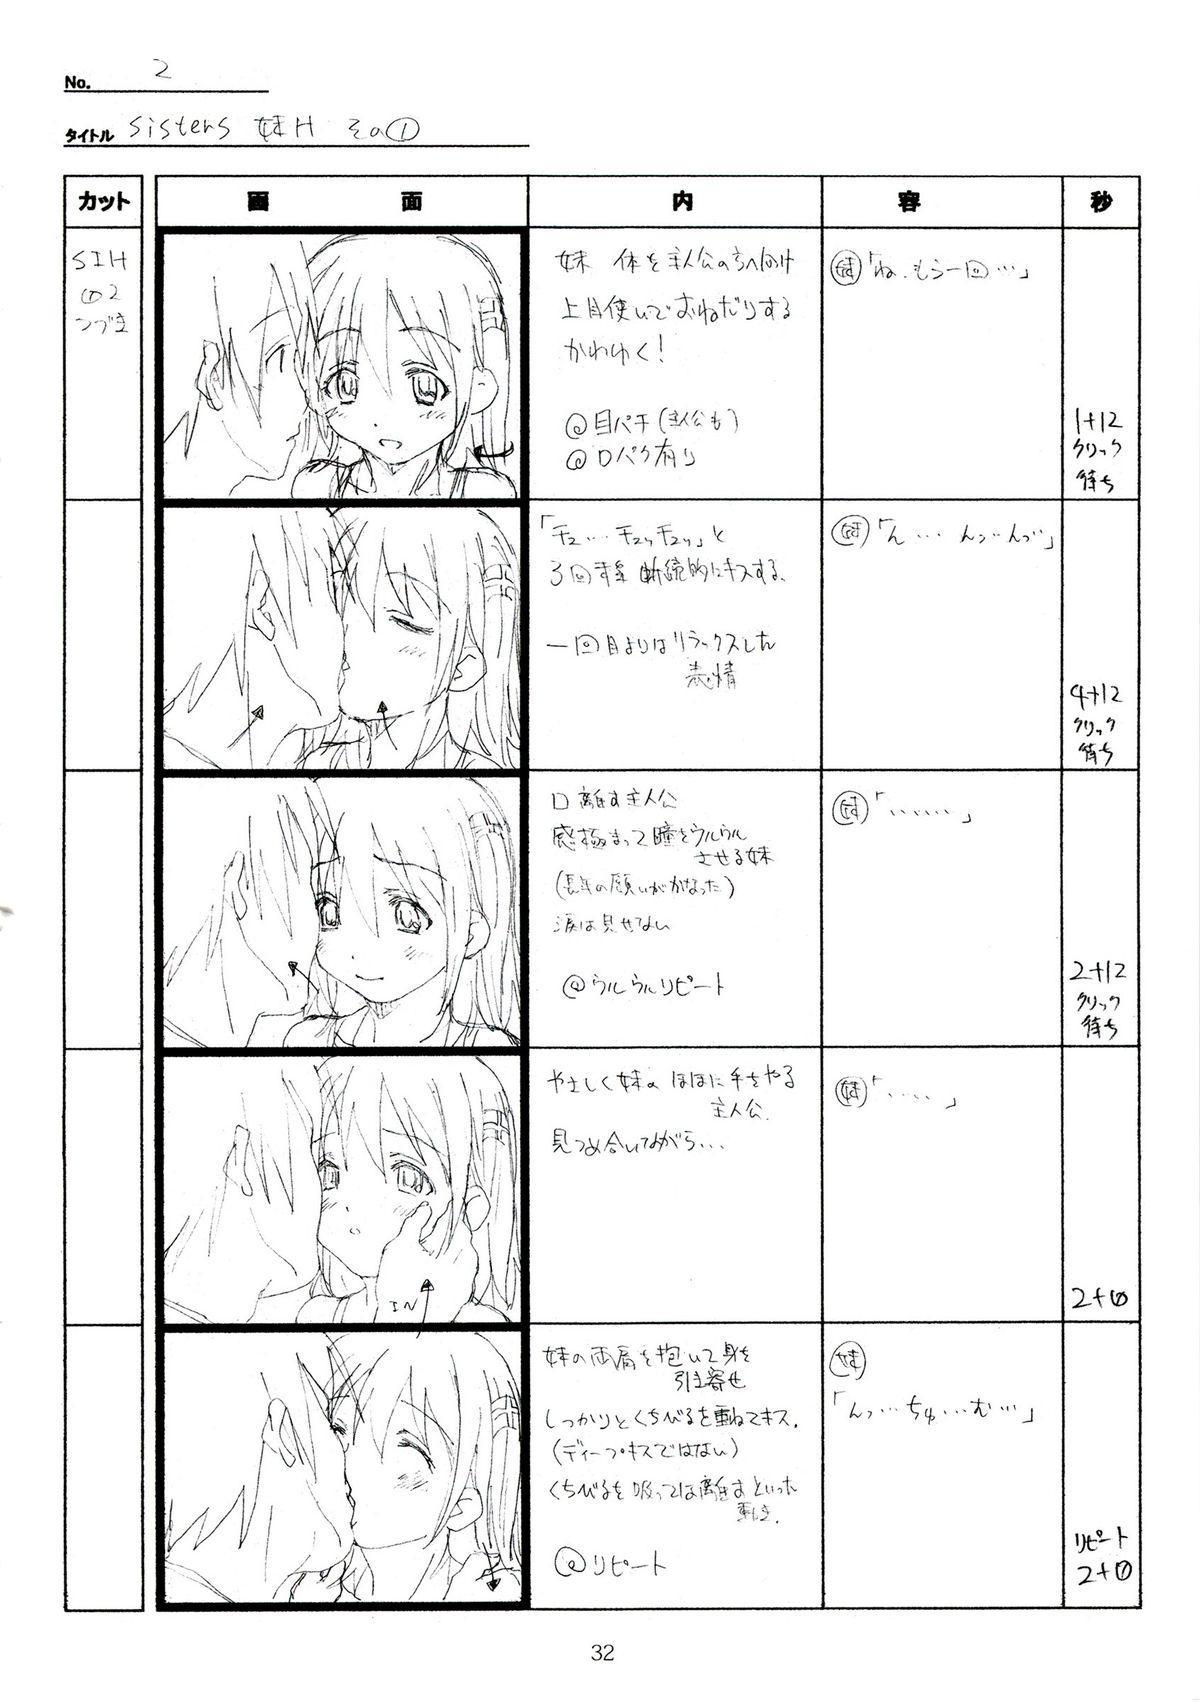 (C89) [Makino Jimusho (Taki Minashika)] SISTERS -Natsu no Saigo no Hi- H Scene All Part Storyboard (SISTERS -Natsu no Saigo no Hi-) 31